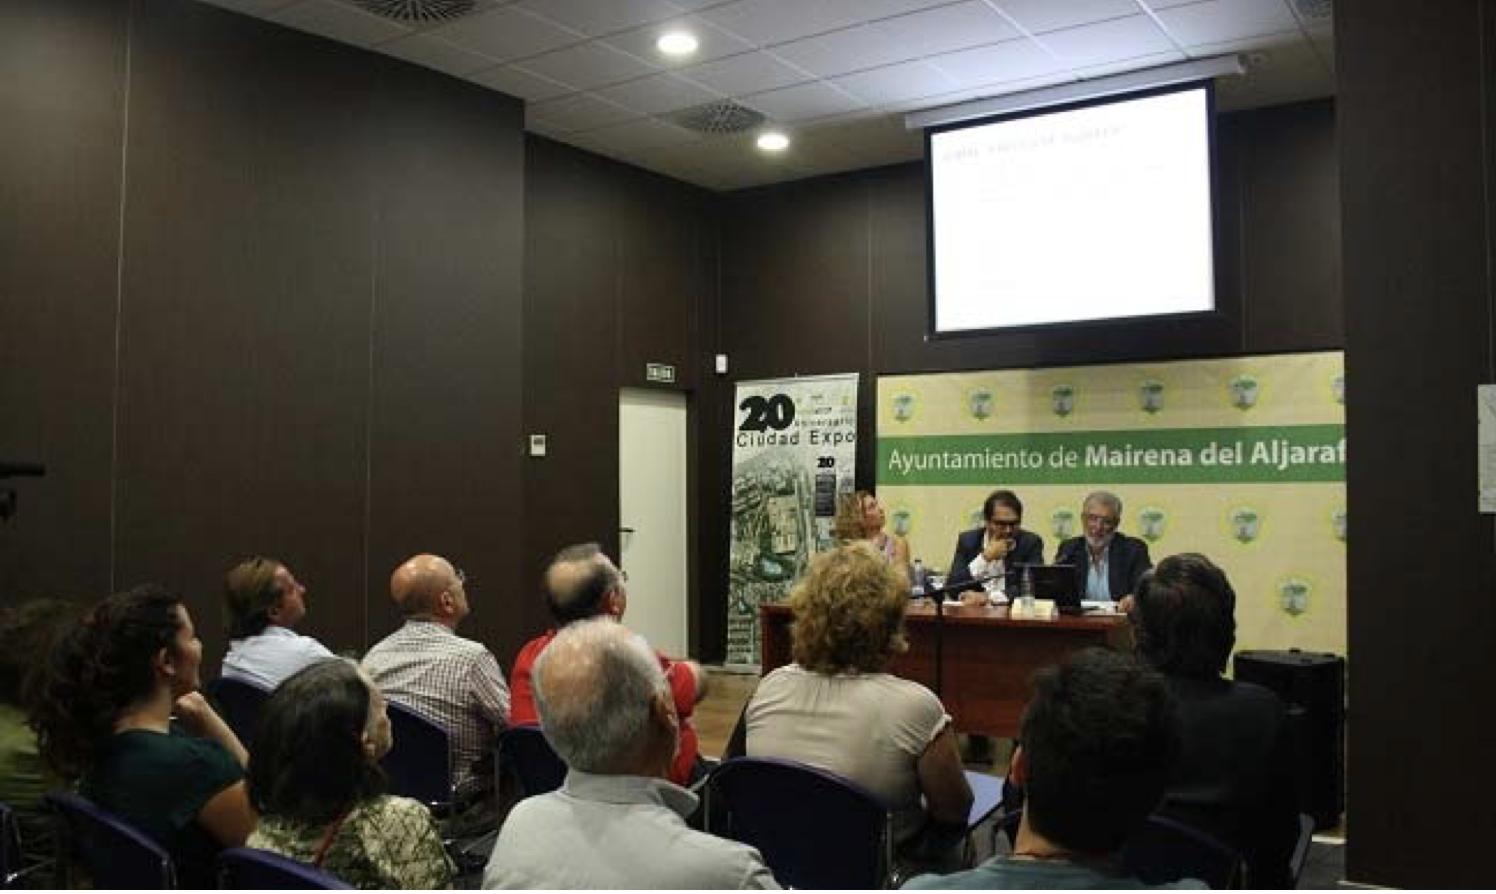 """Mairena inaugura exposicón """"20 años ciudad expo"""""""